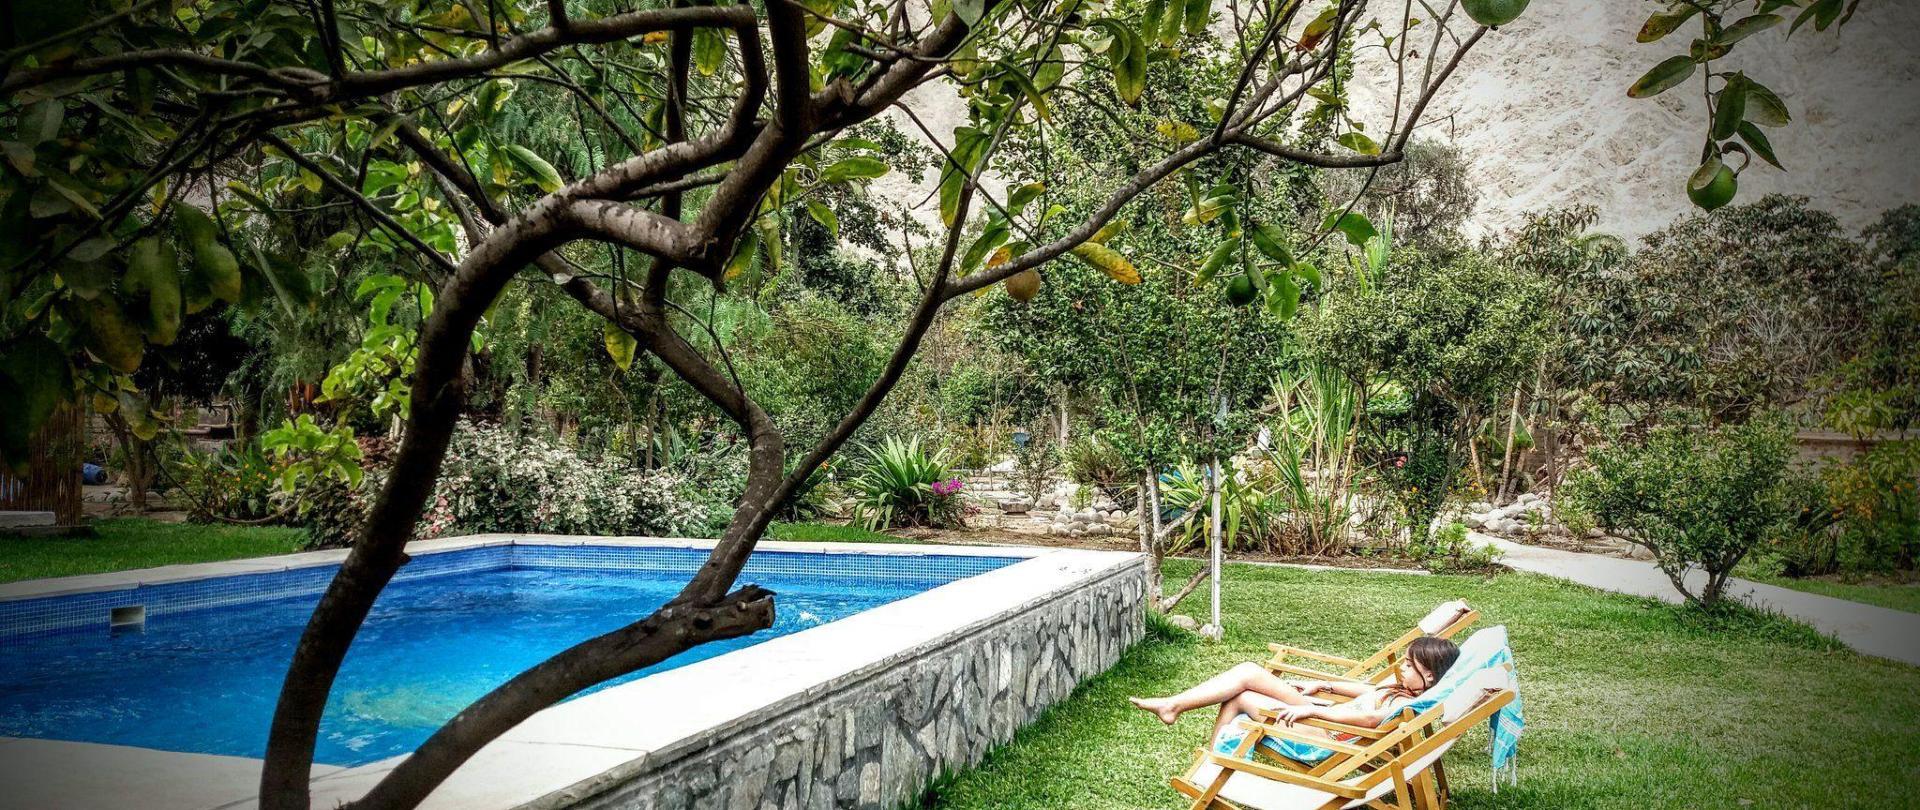 piscina-y-reposeras-2-2.jpg